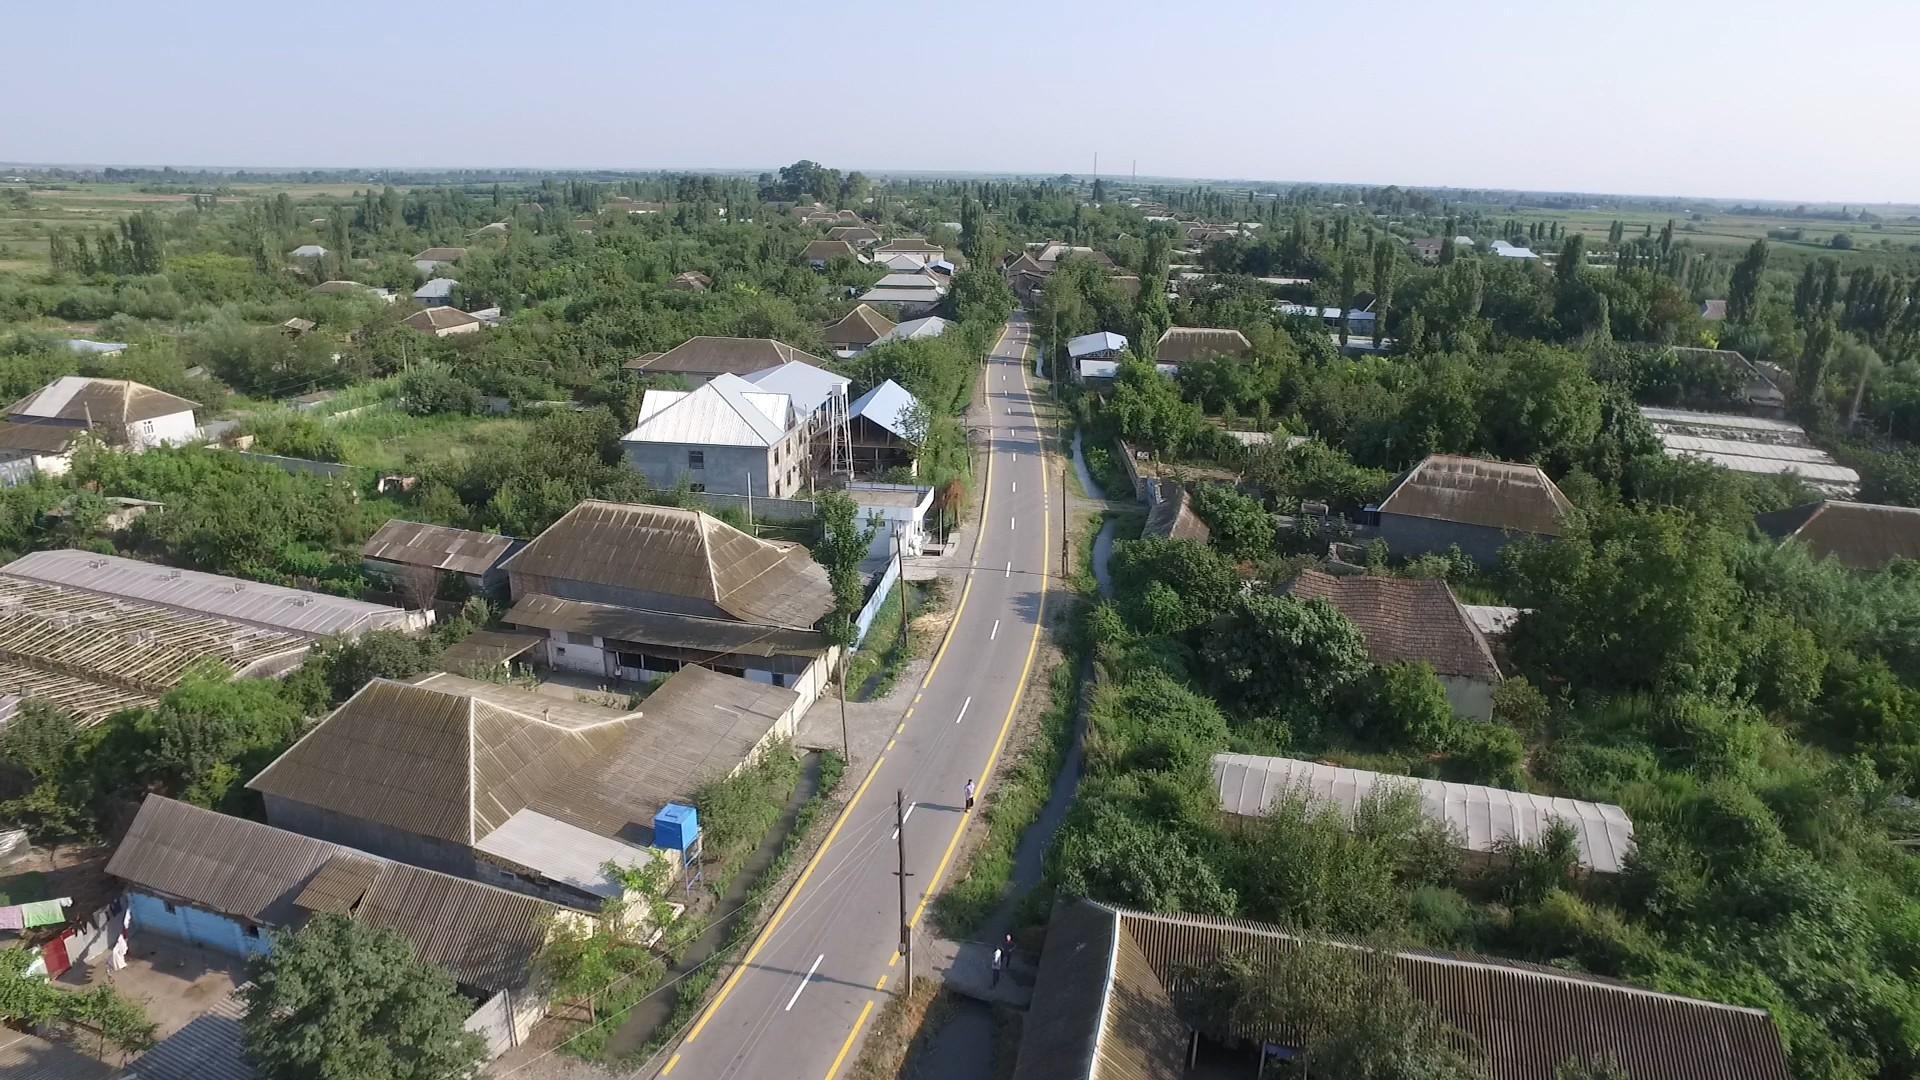 Ağdaşda 2 avtomobil yolu yenidən qurulub (FOTO) - Gallery Image